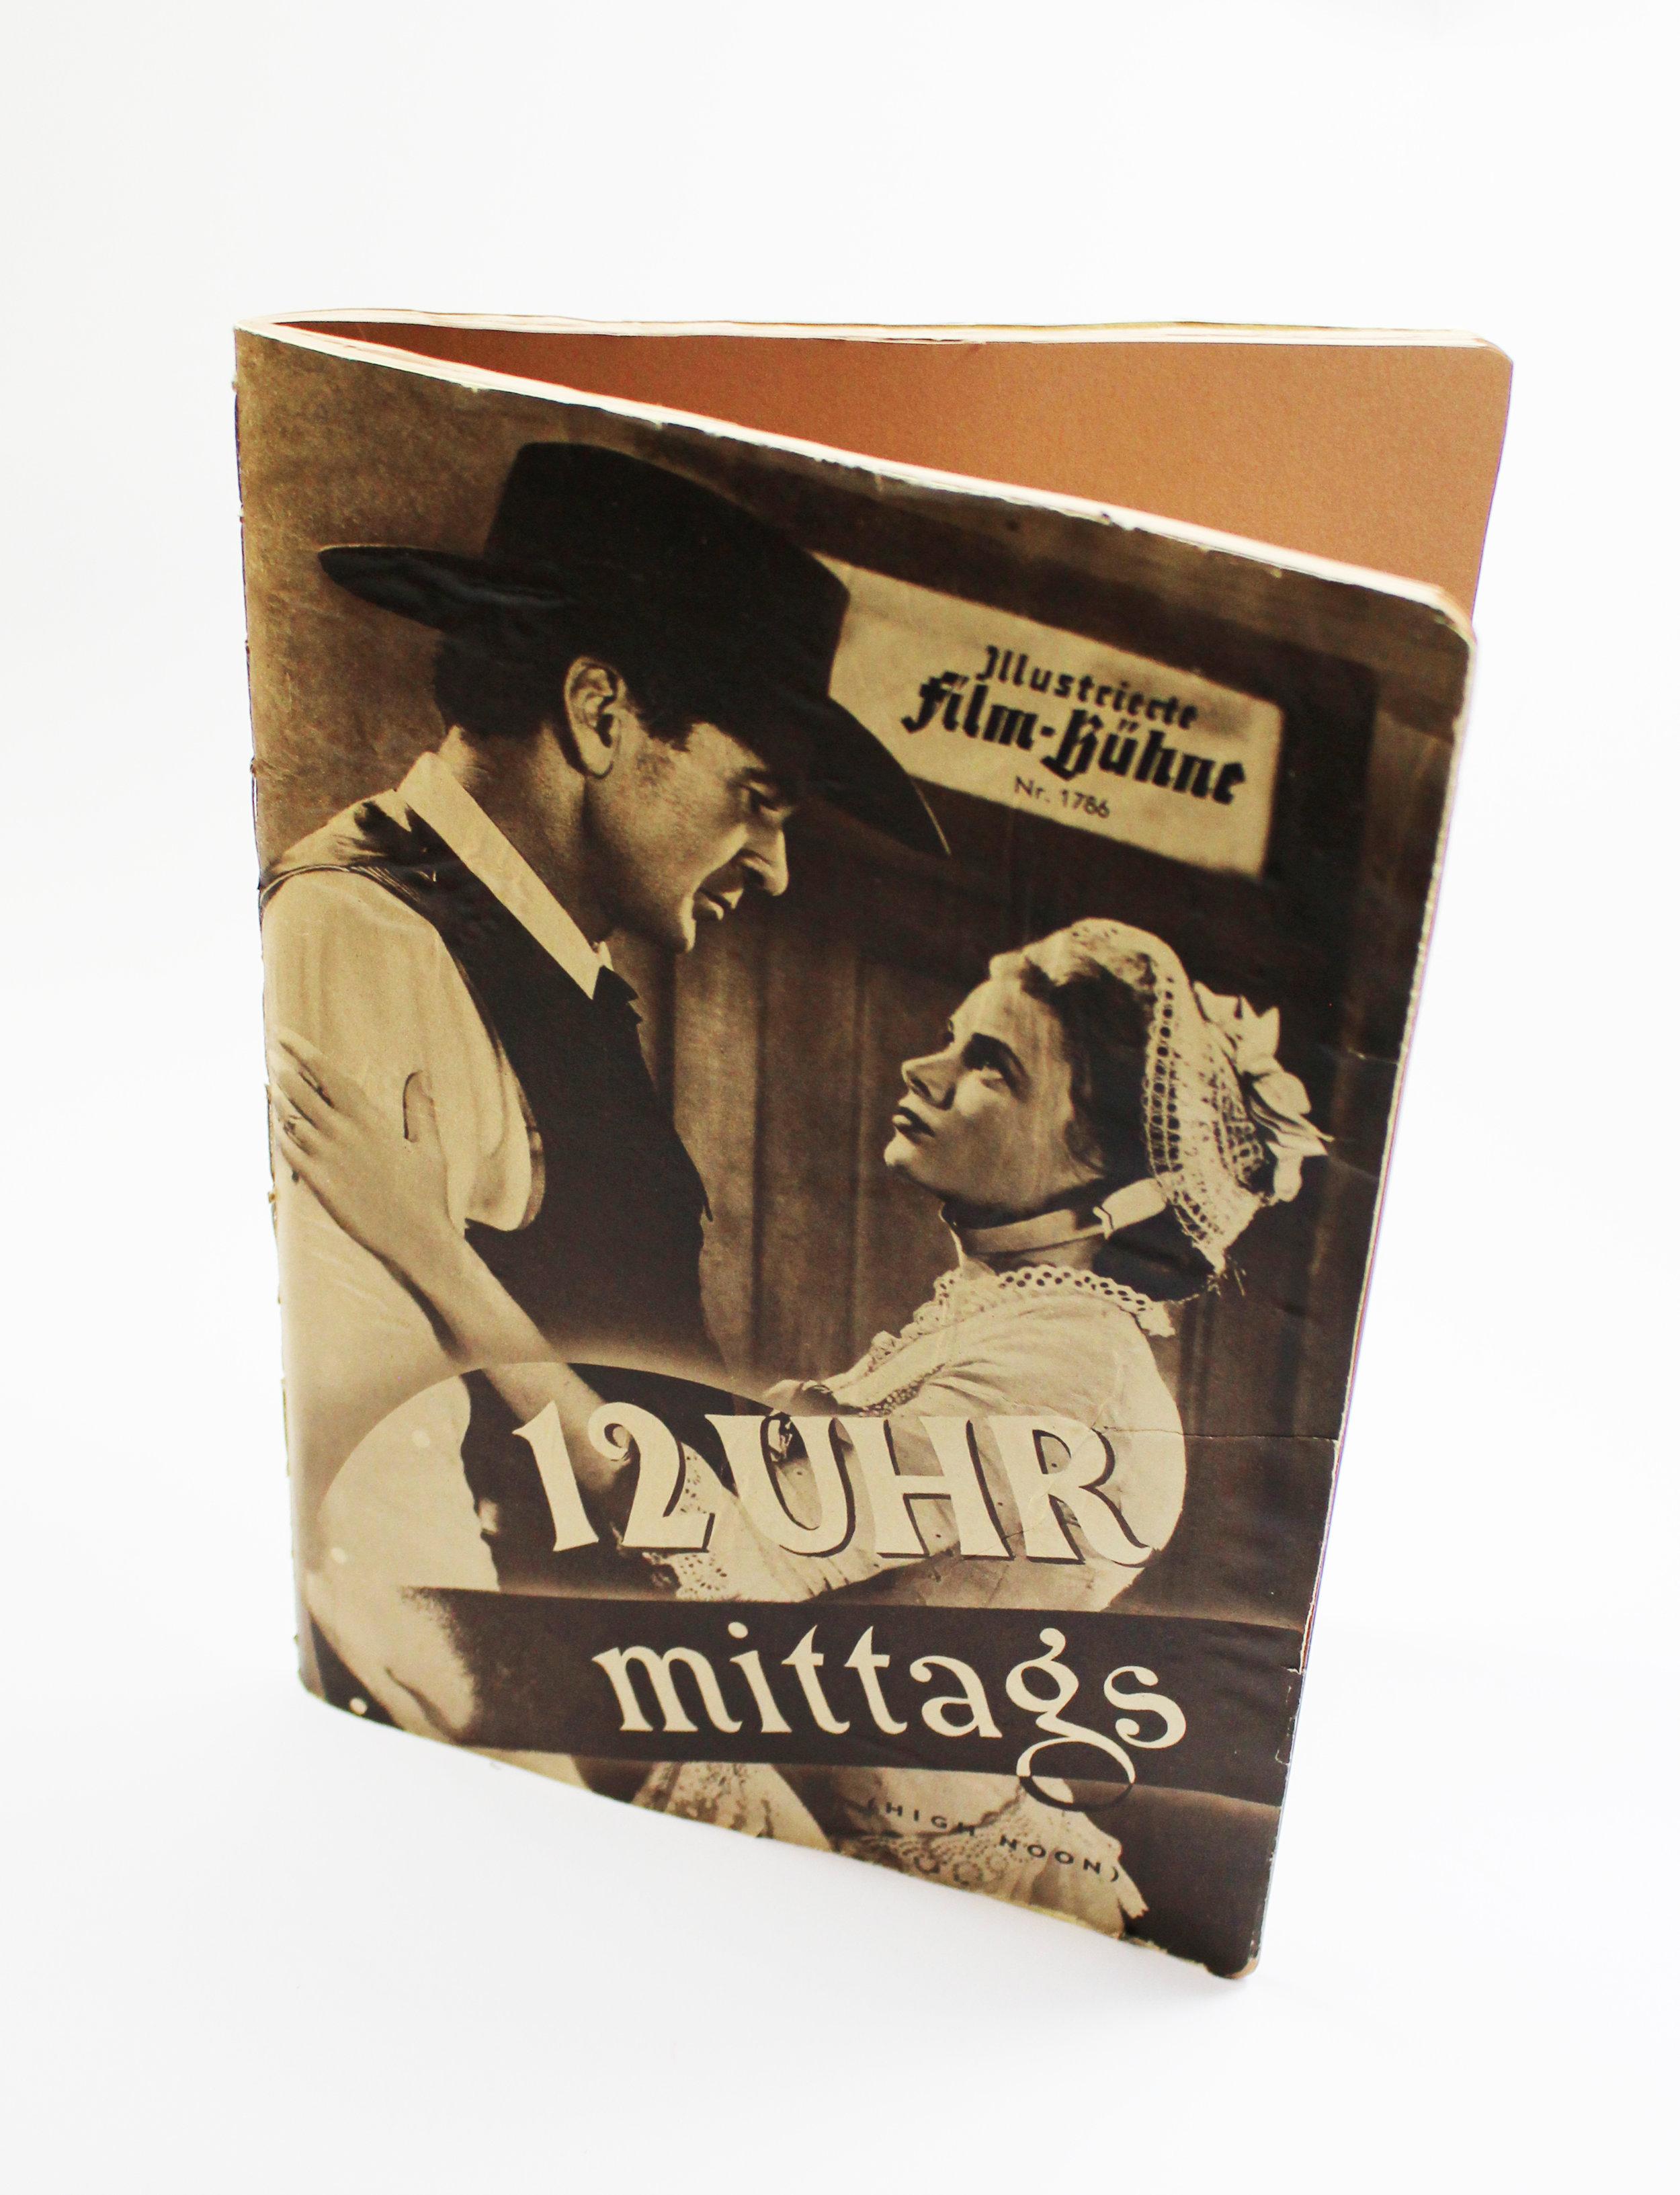 vintage-journal-movie-High-Noon_5.JPG